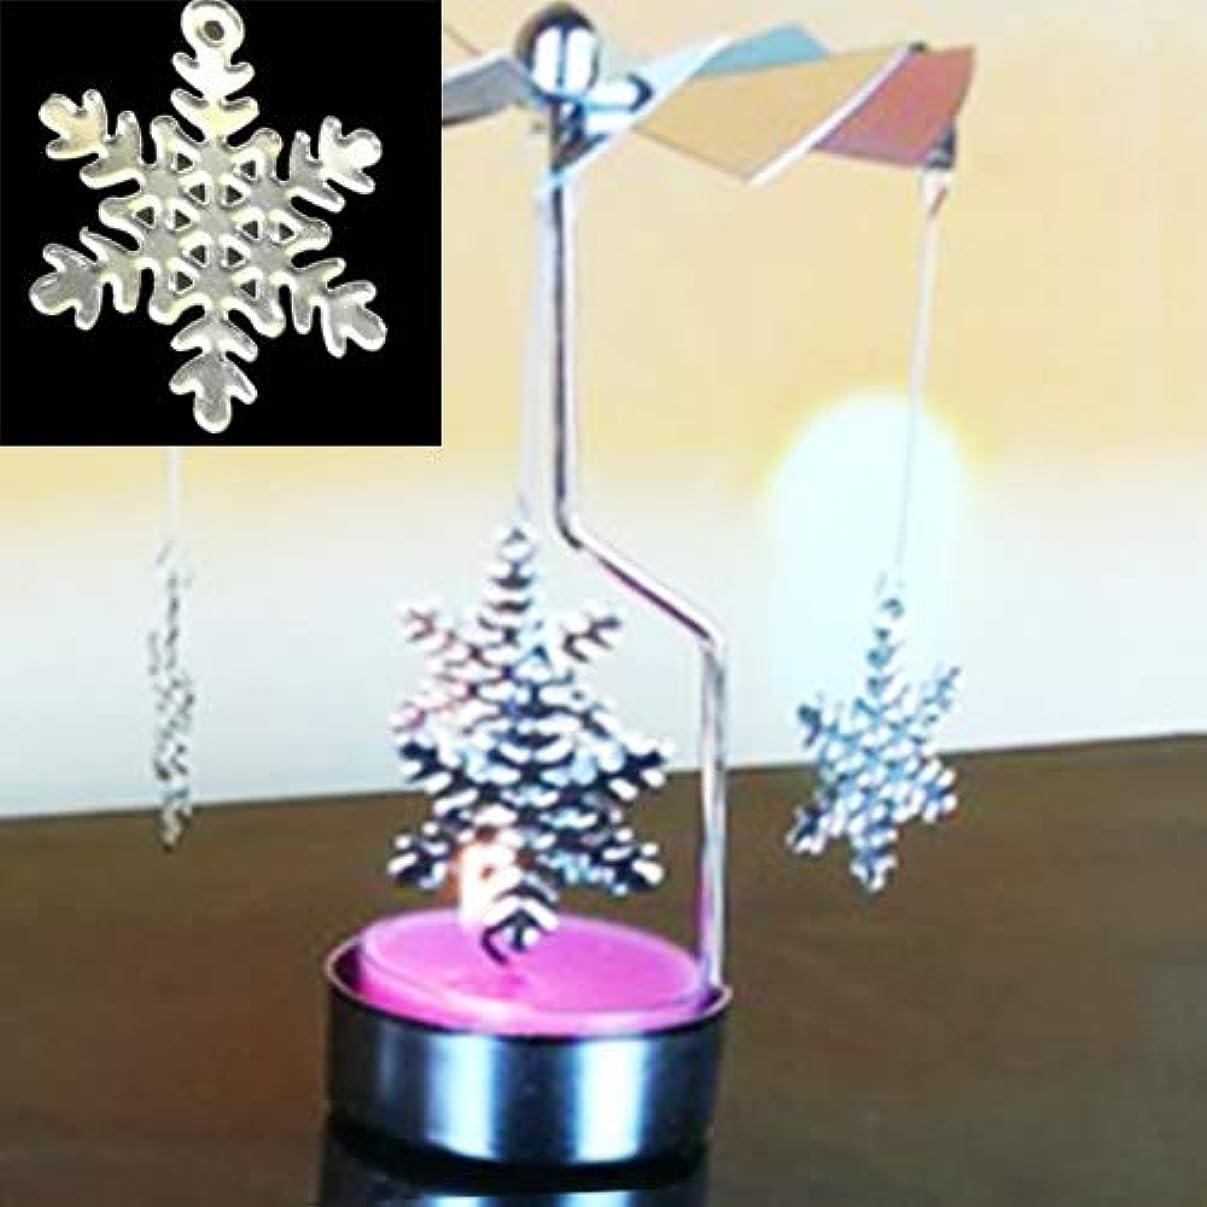 文言悪性本質的ではないLabos クリスマス新年のホームデコレーションクリスマスツリーのパターンのメタルファッション回転ローソク足 (色 : Color4)